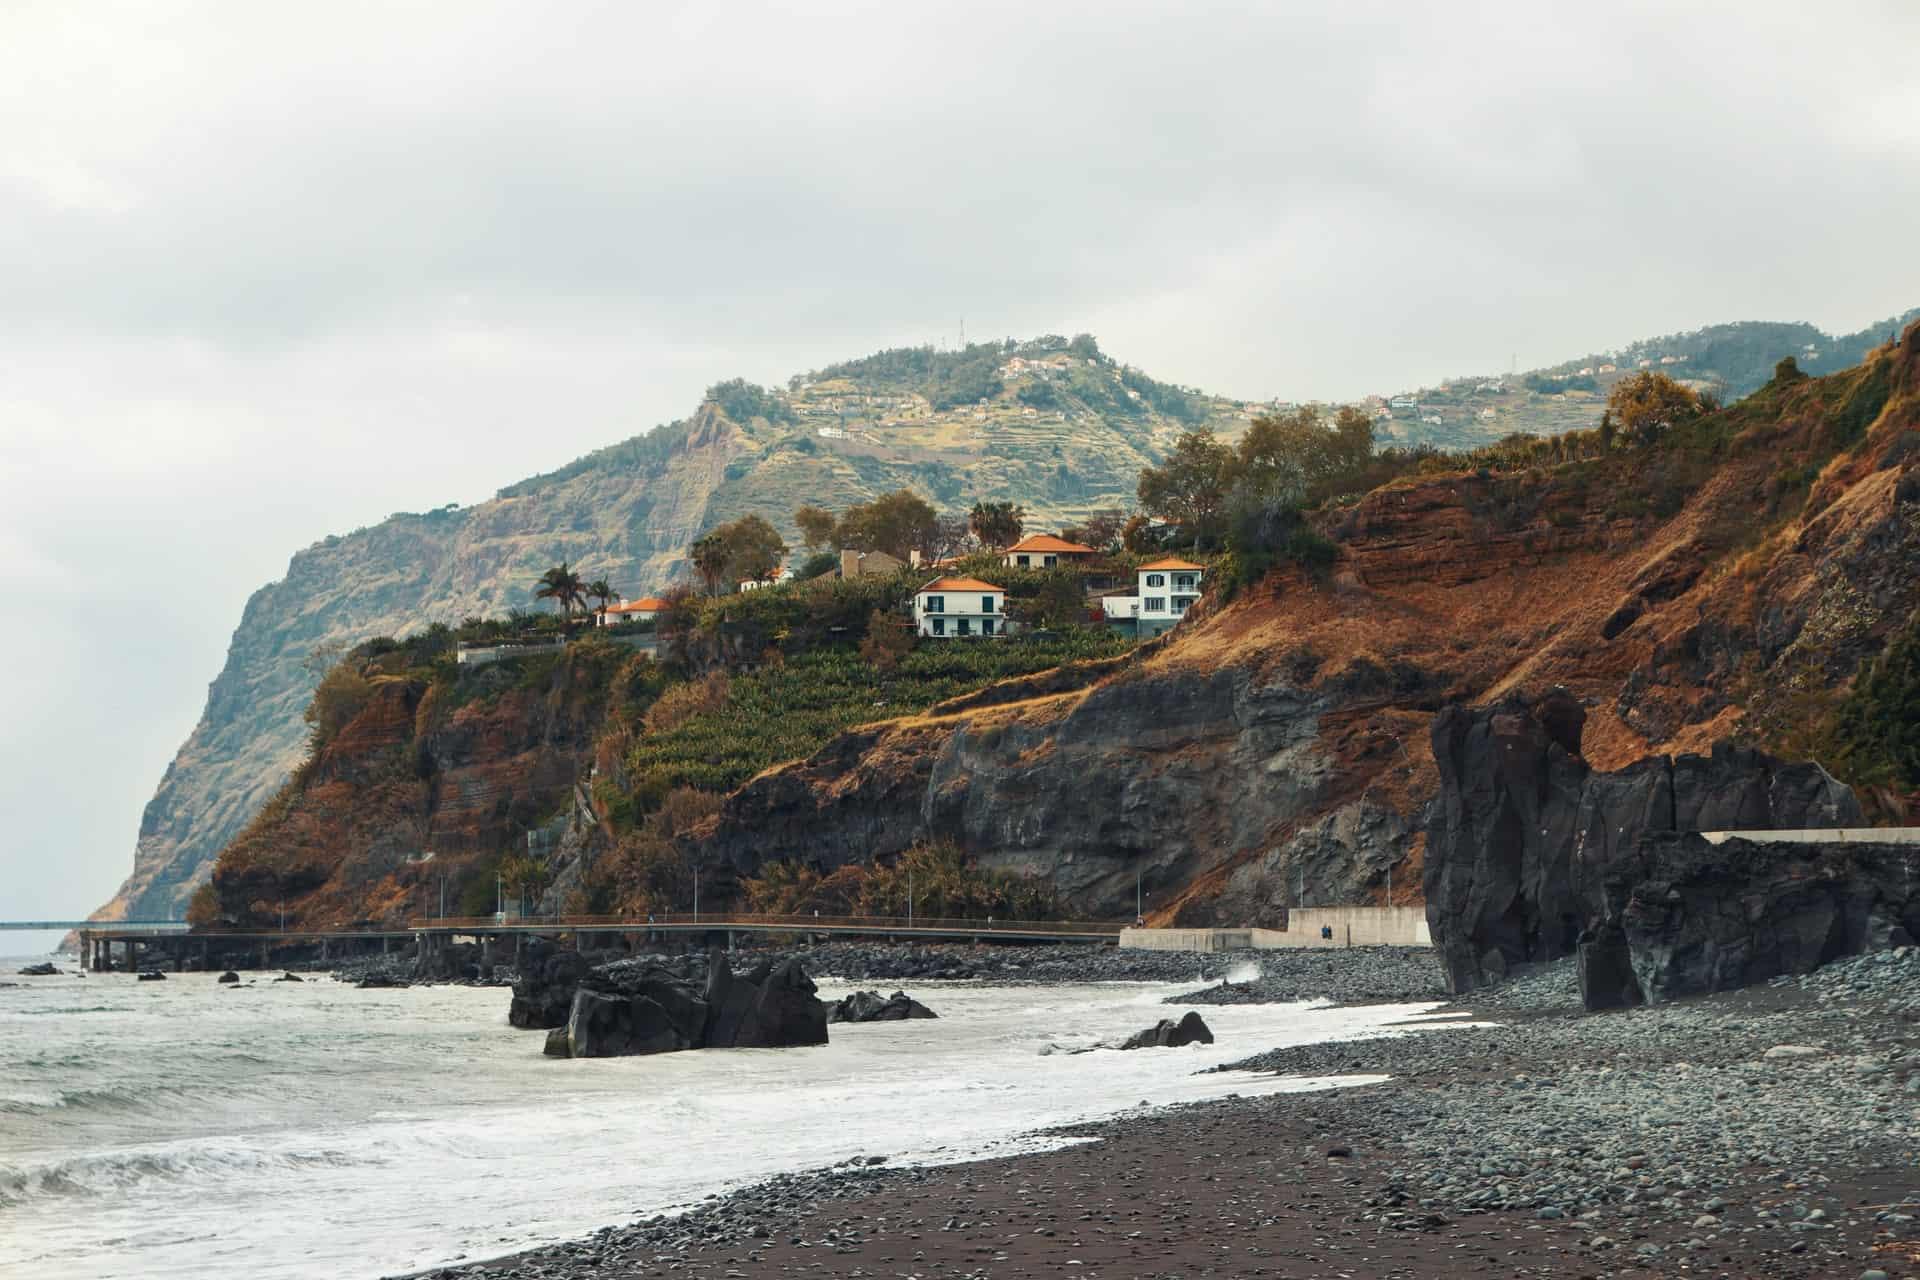 documentos e requisitos para viajar para a Madeira